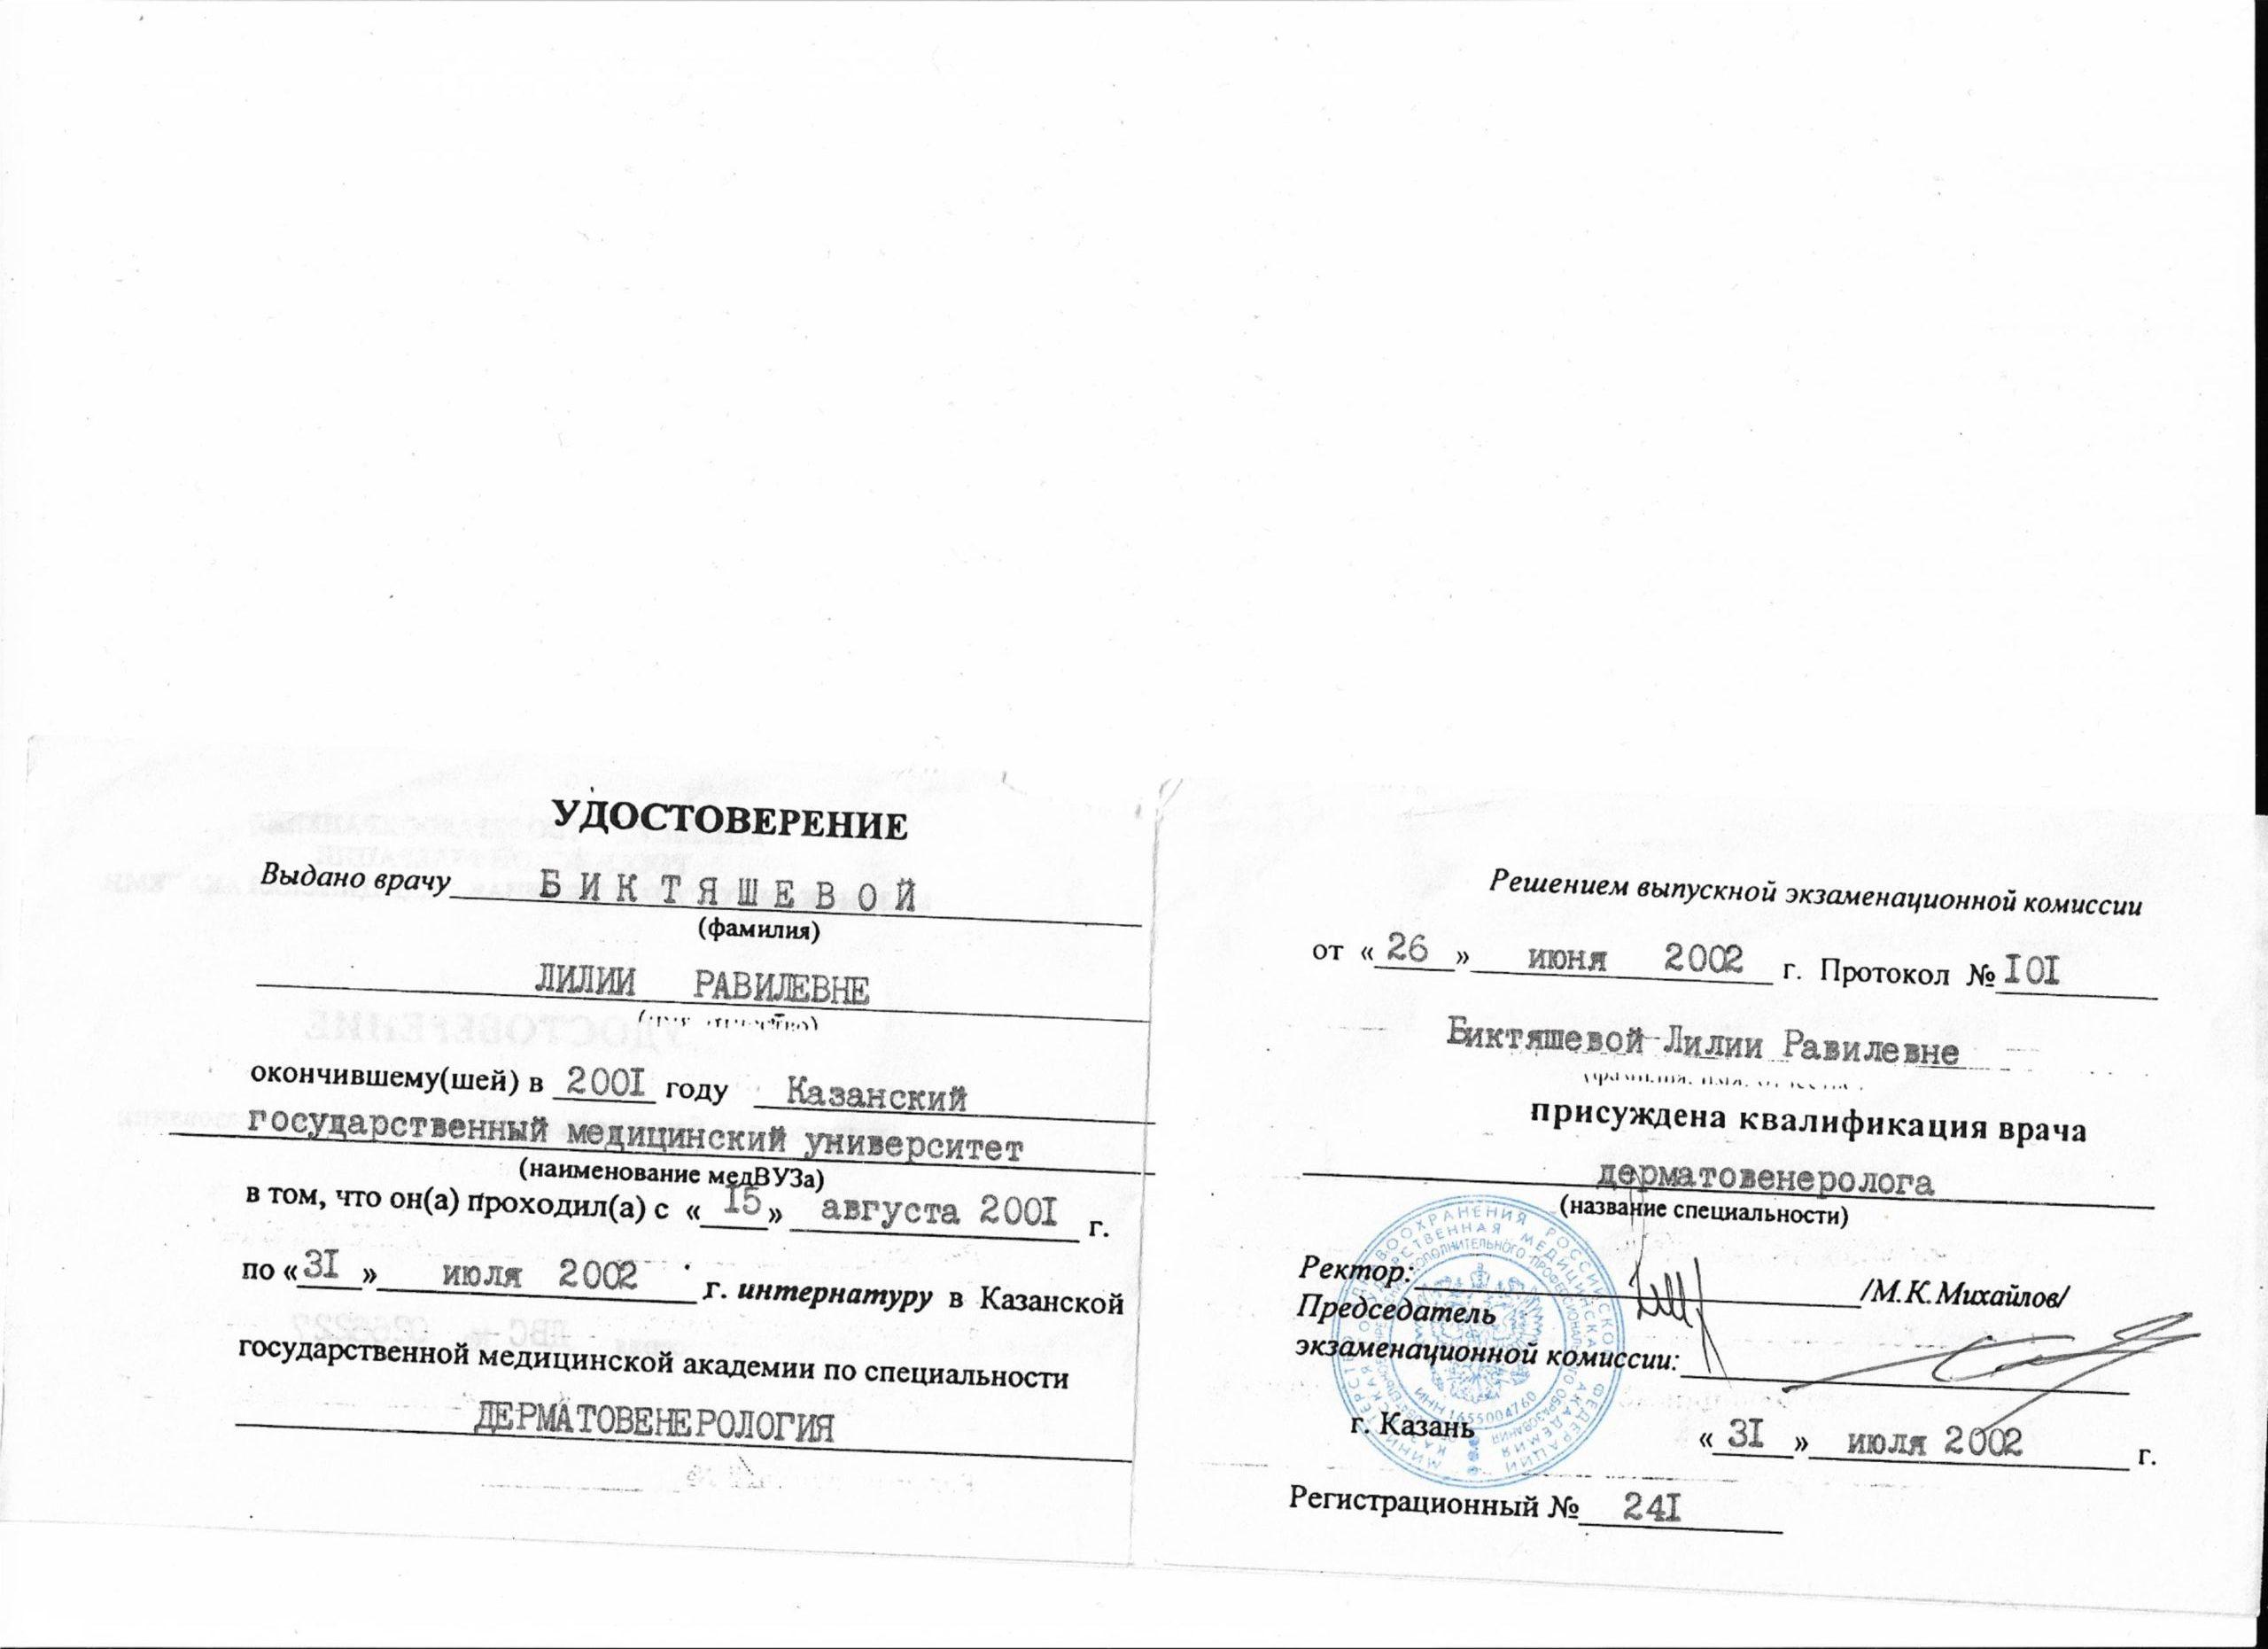 Удостоверение о присуждении врача дерматовенеролога от 31 июля 2002 г.